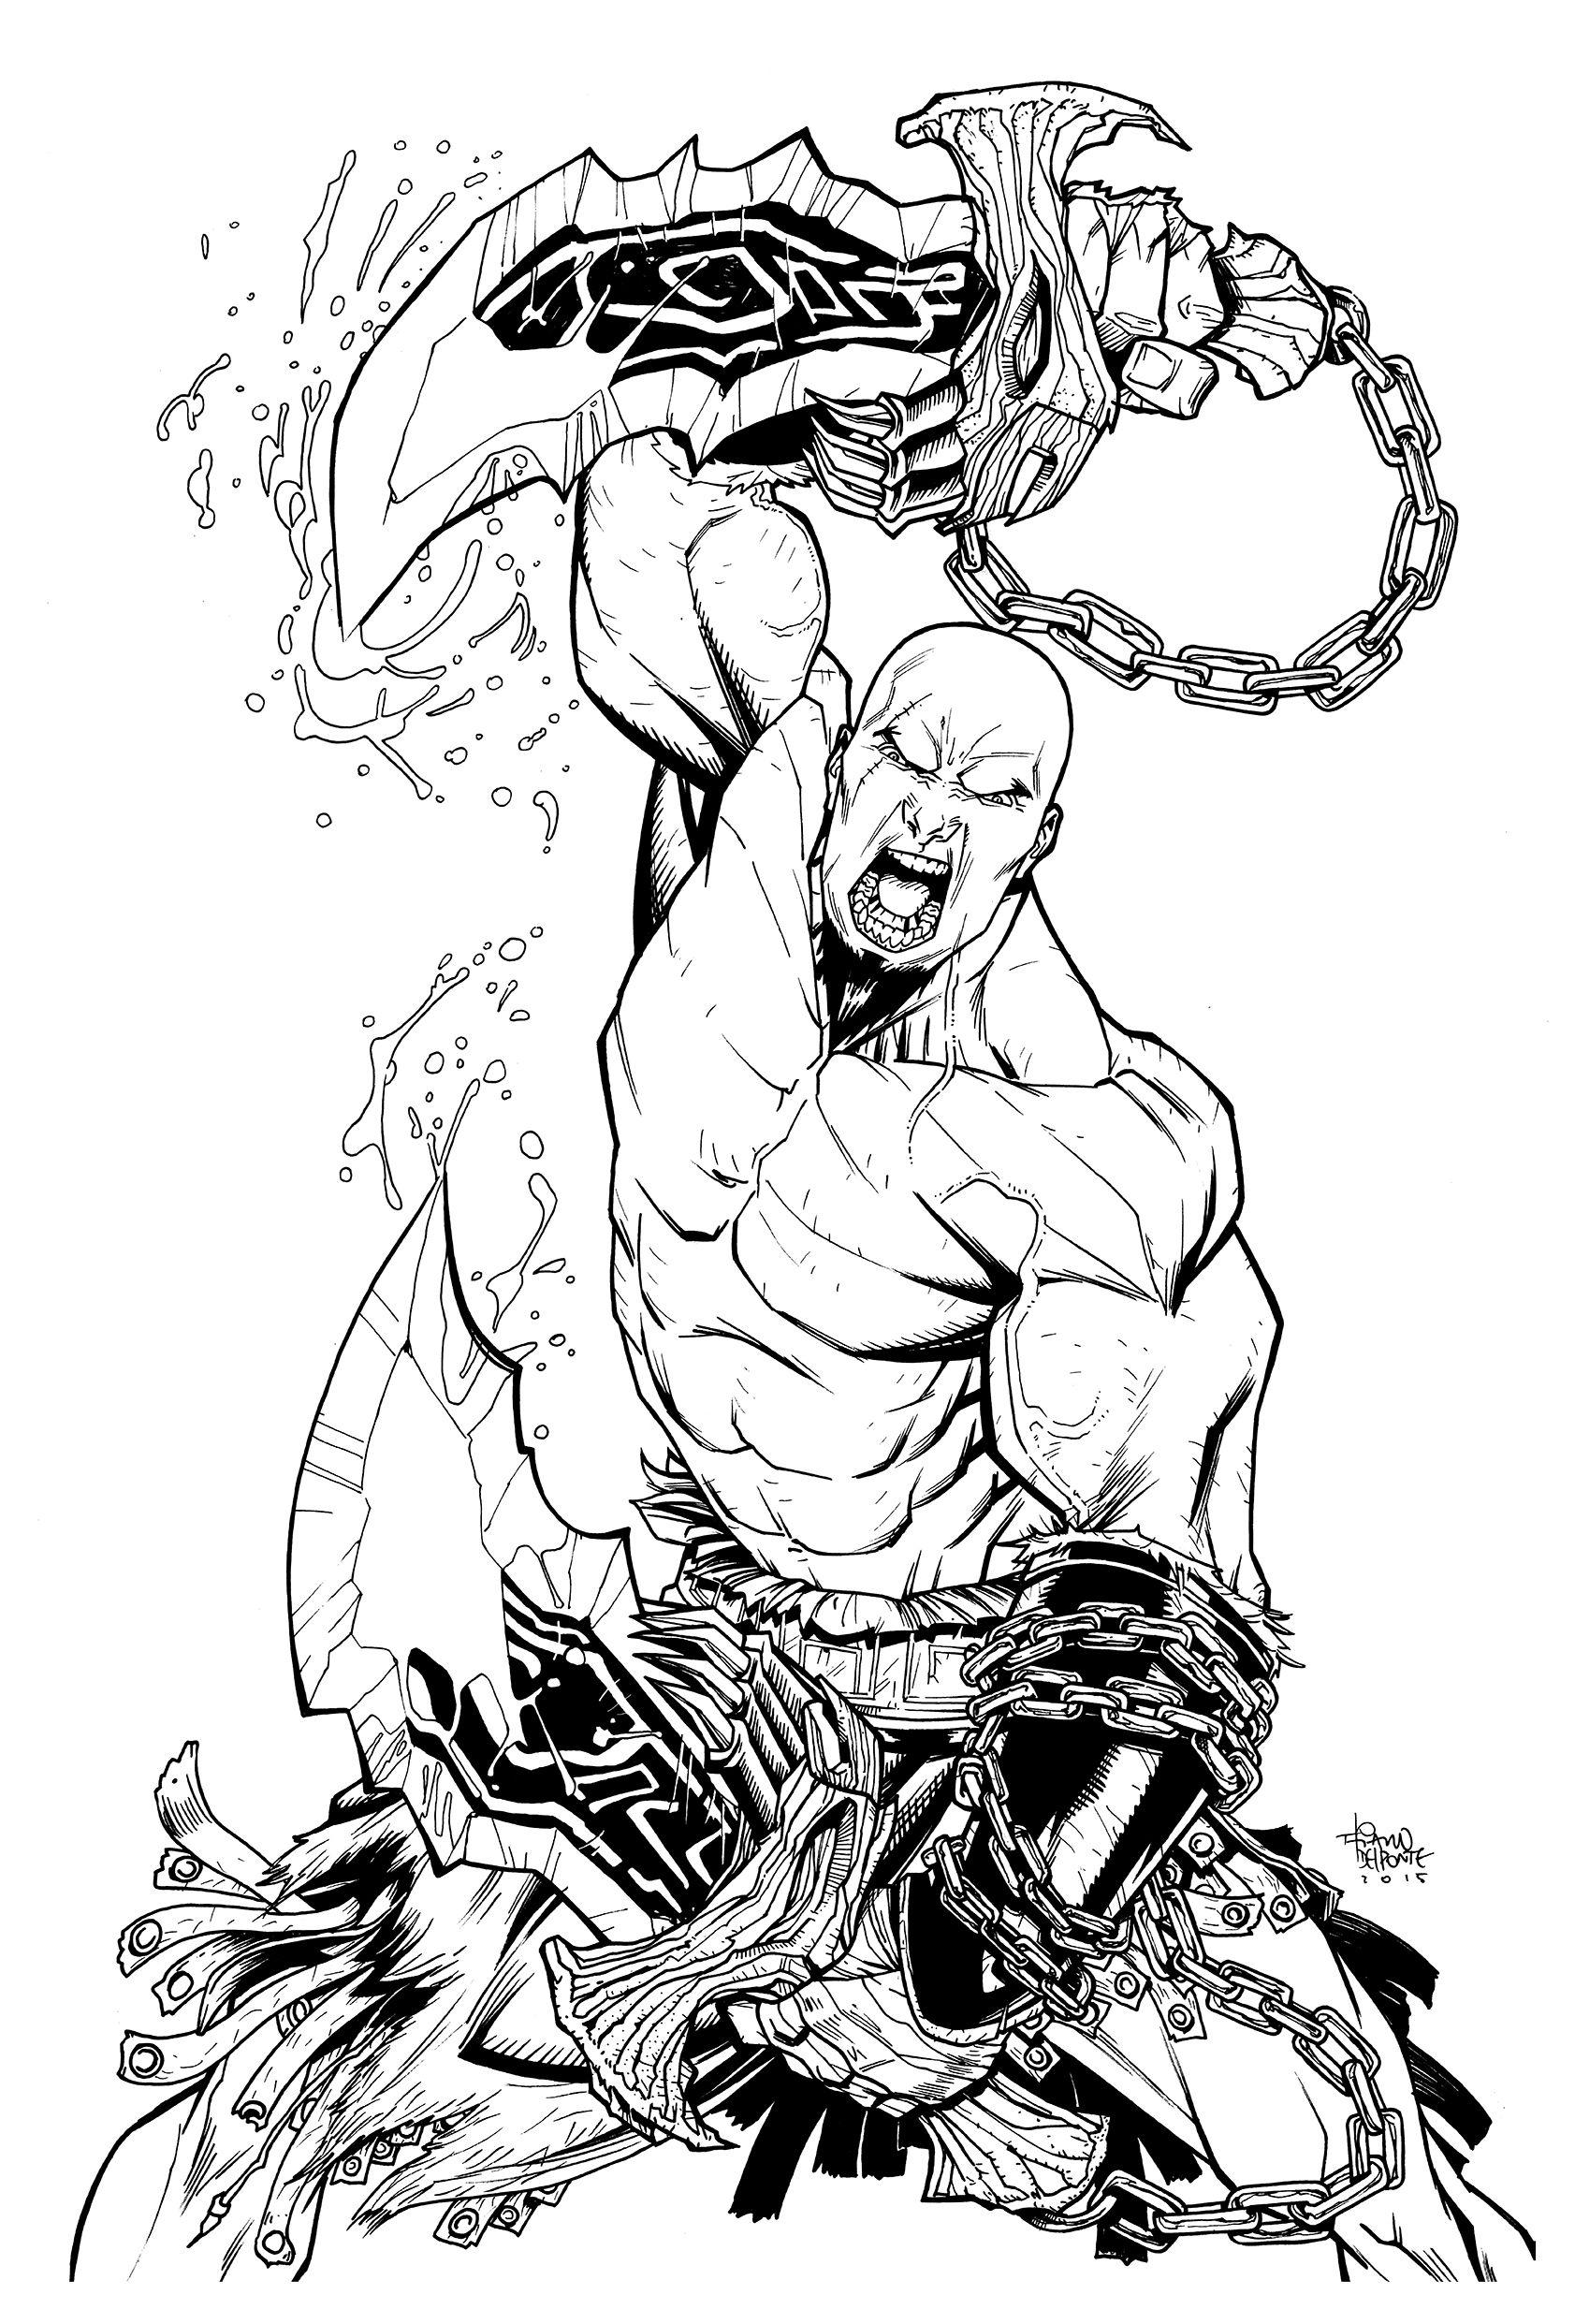 Kratos God Of War Desenhando Esbocos Desenho Tatuagem Kratos